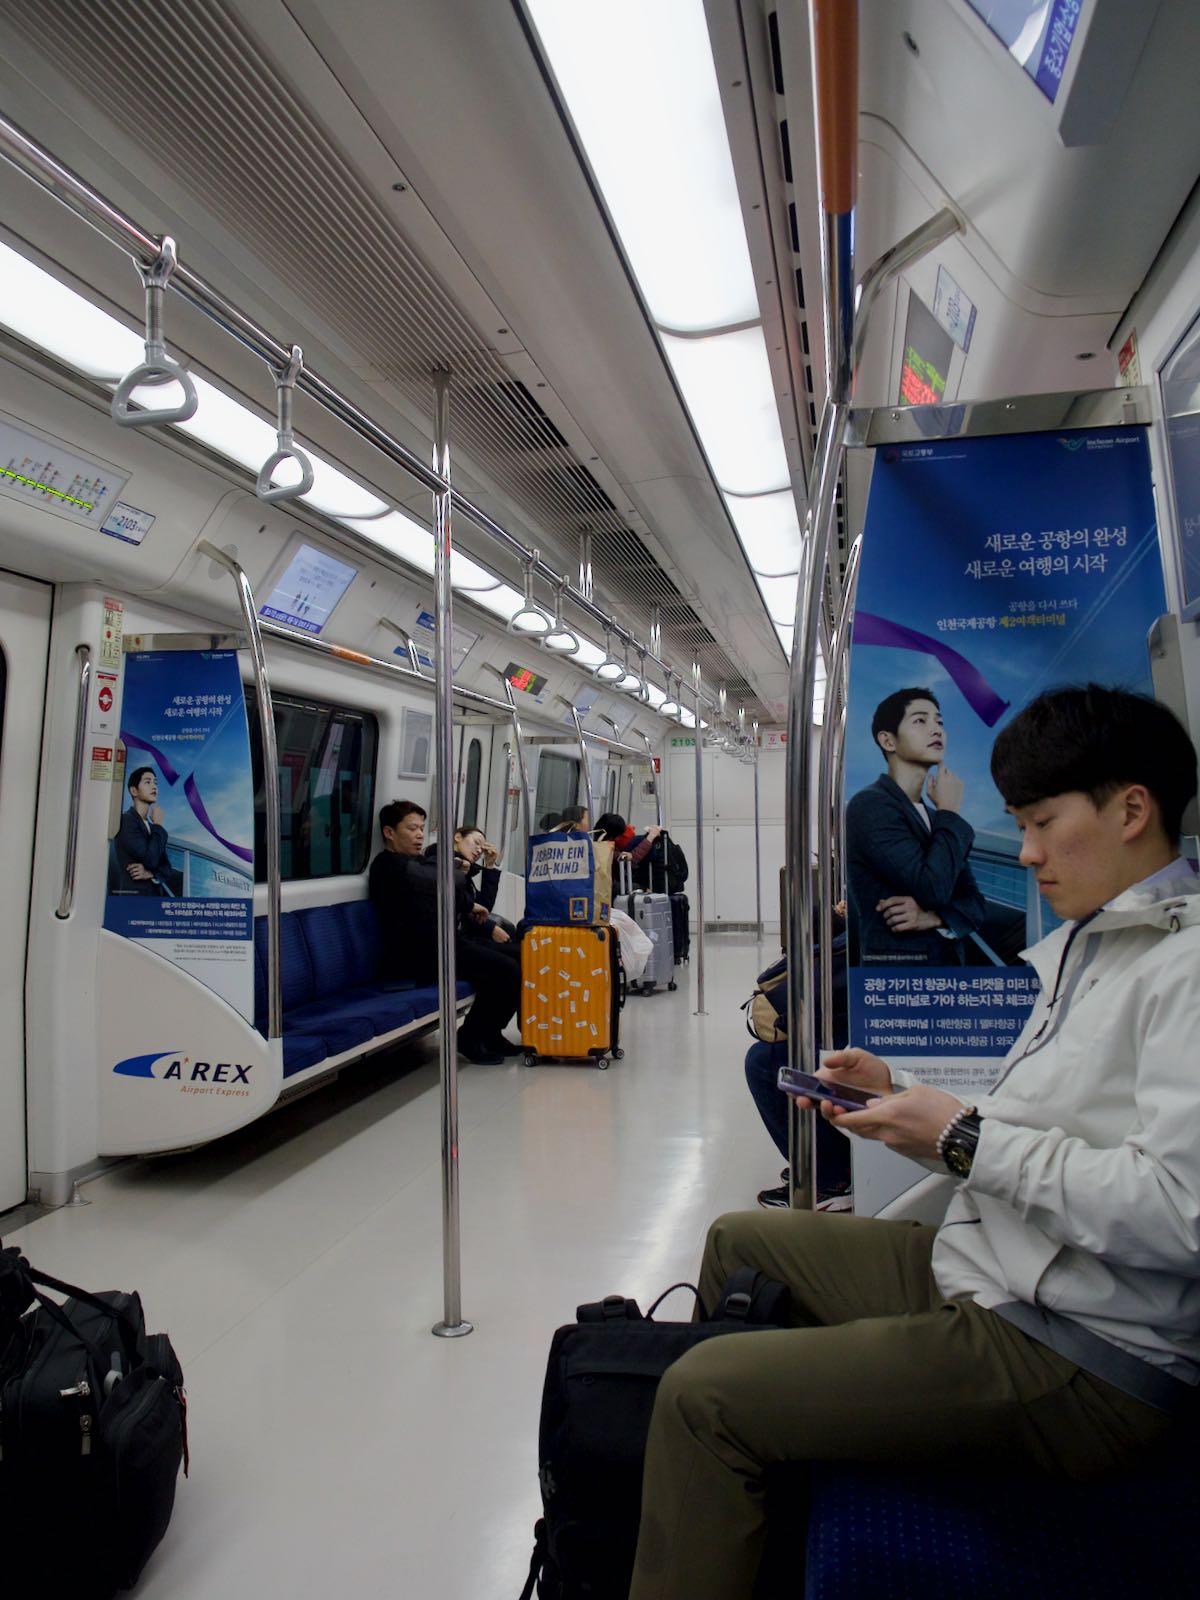 ソウル行き普通列車の中 DMC-GX8 + LEICA DG 12-60mm